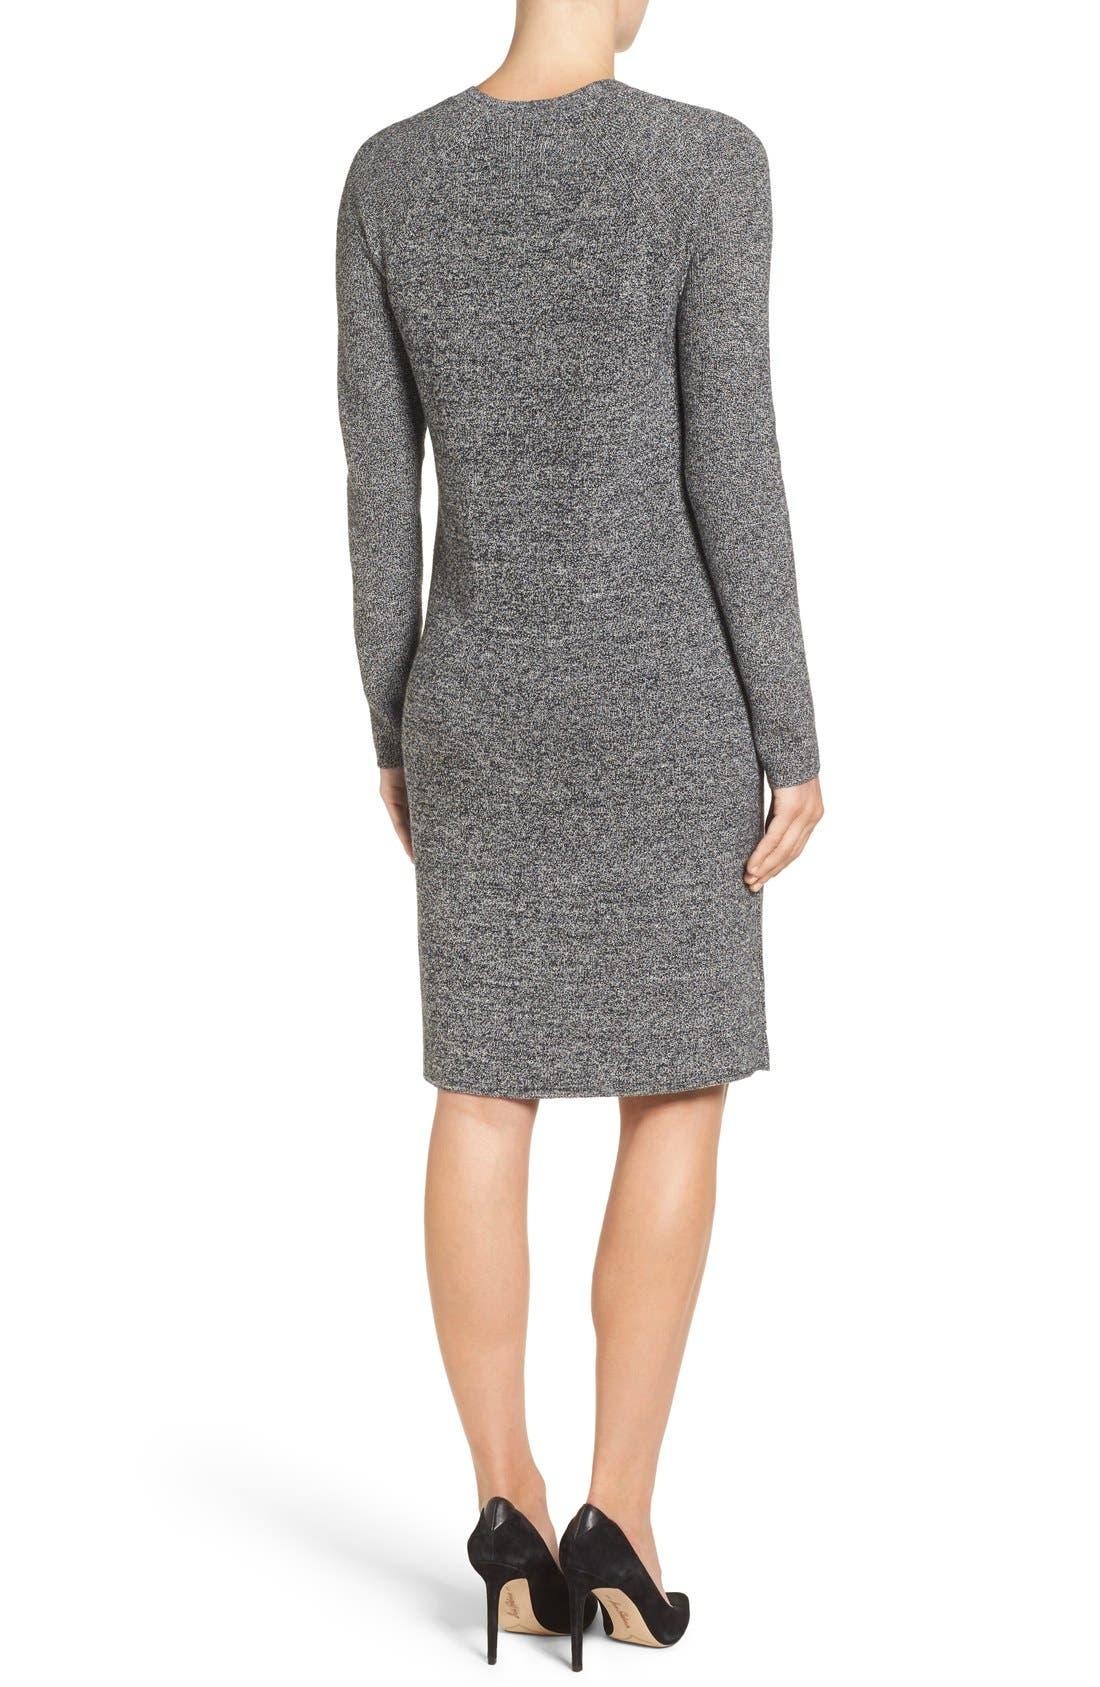 V-Neck Sweater Dress,                             Alternate thumbnail 10, color,                             BLACK- WHITE MARL